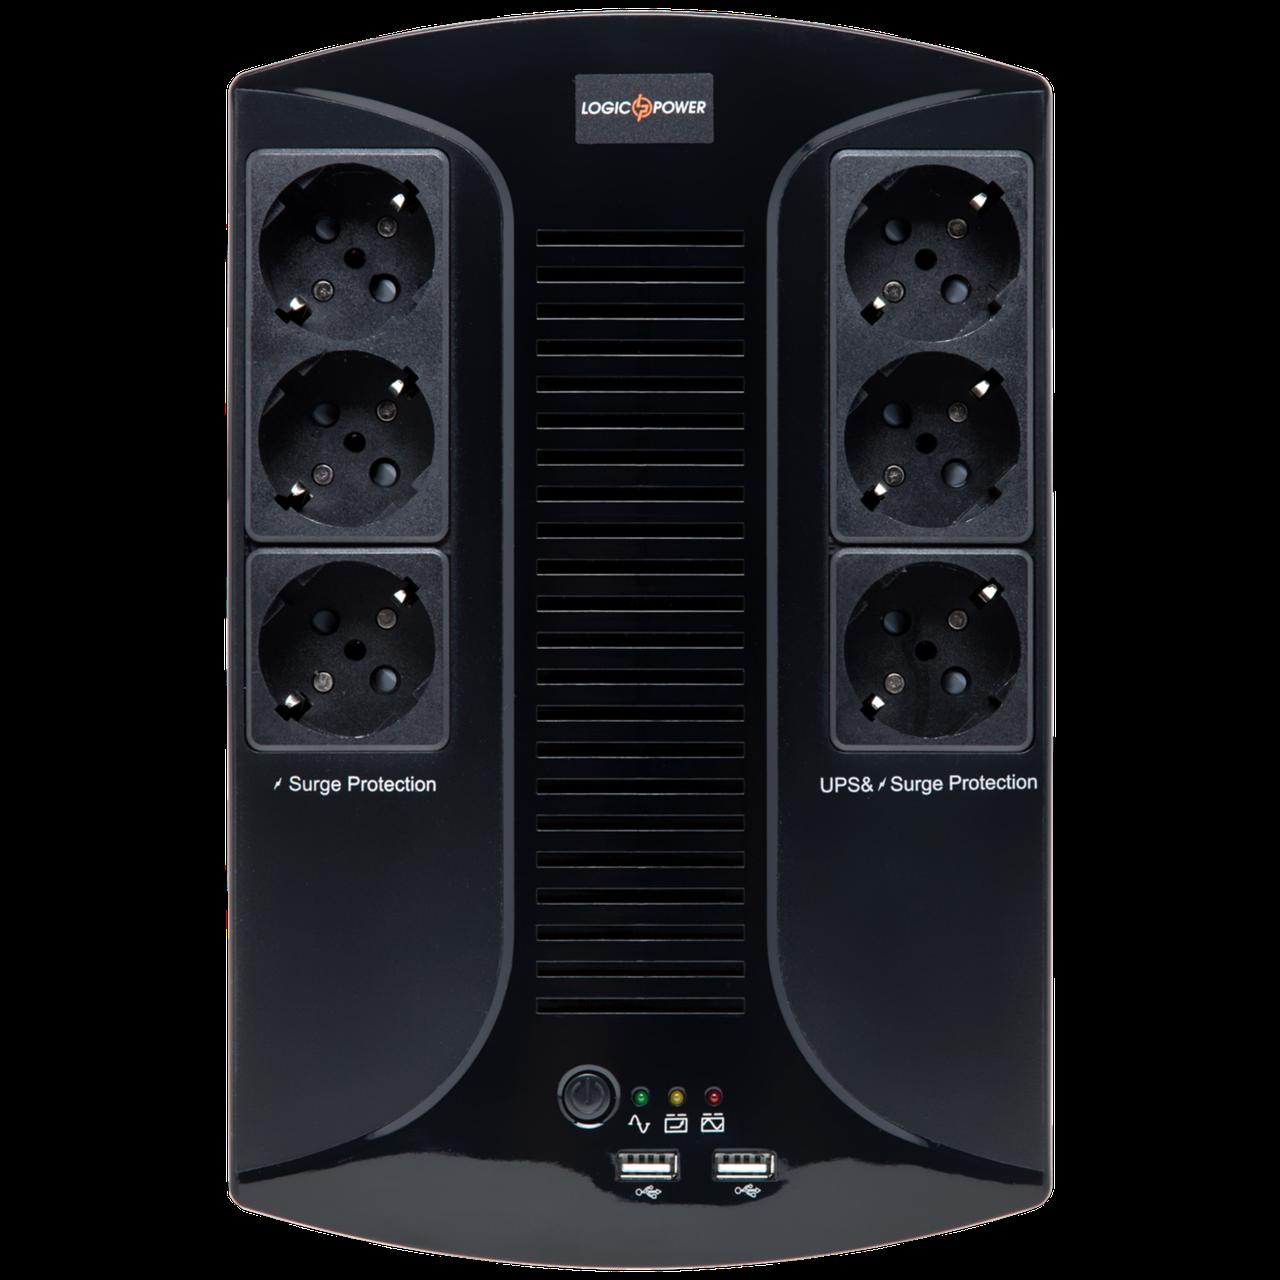 ИБП линейно-интерактивный LogicPower LP 850VA-6PS